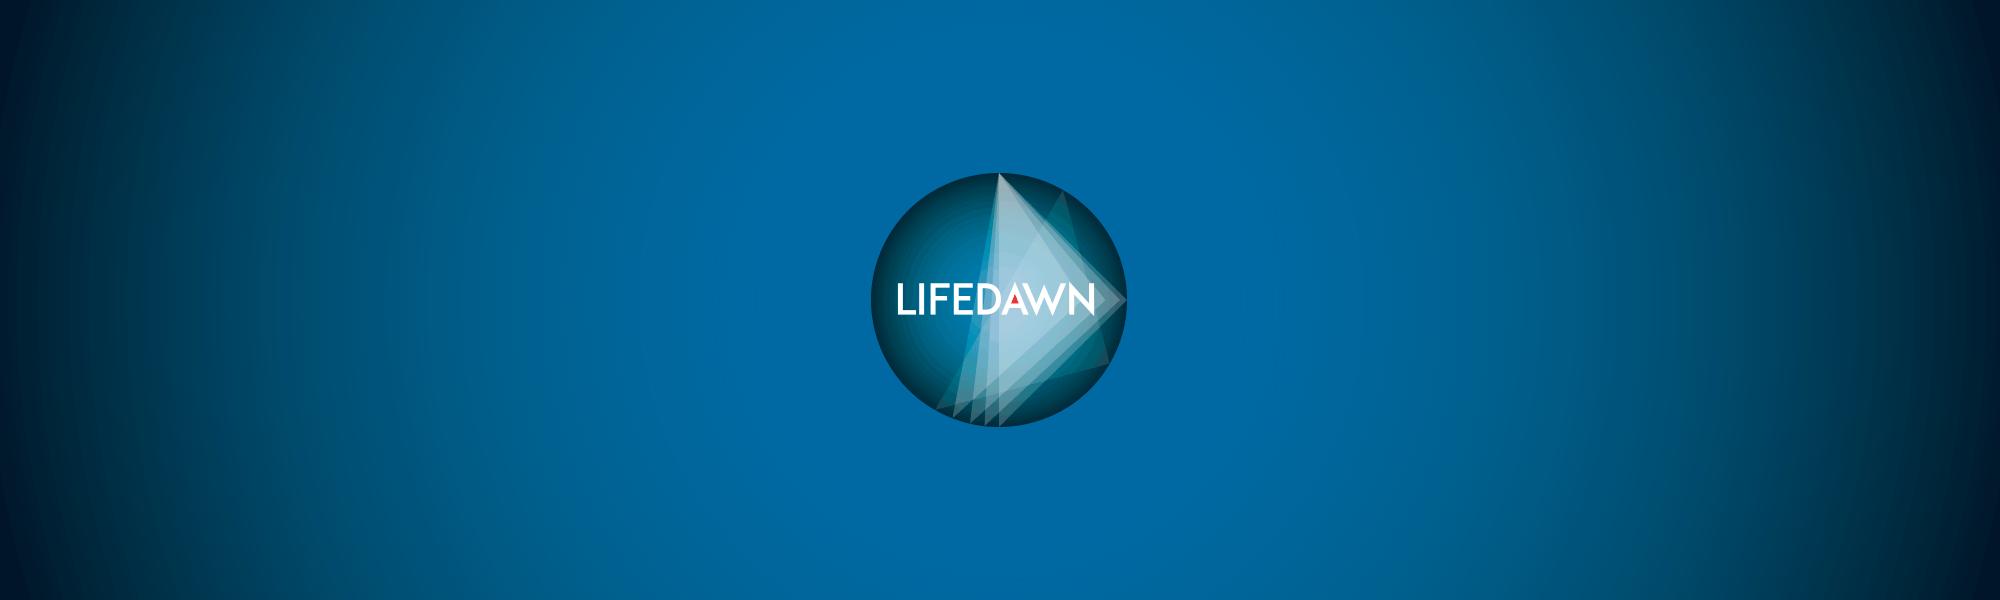 Infographiste Rouen Pascal Ridel - banniere - étude de logo lifedawn